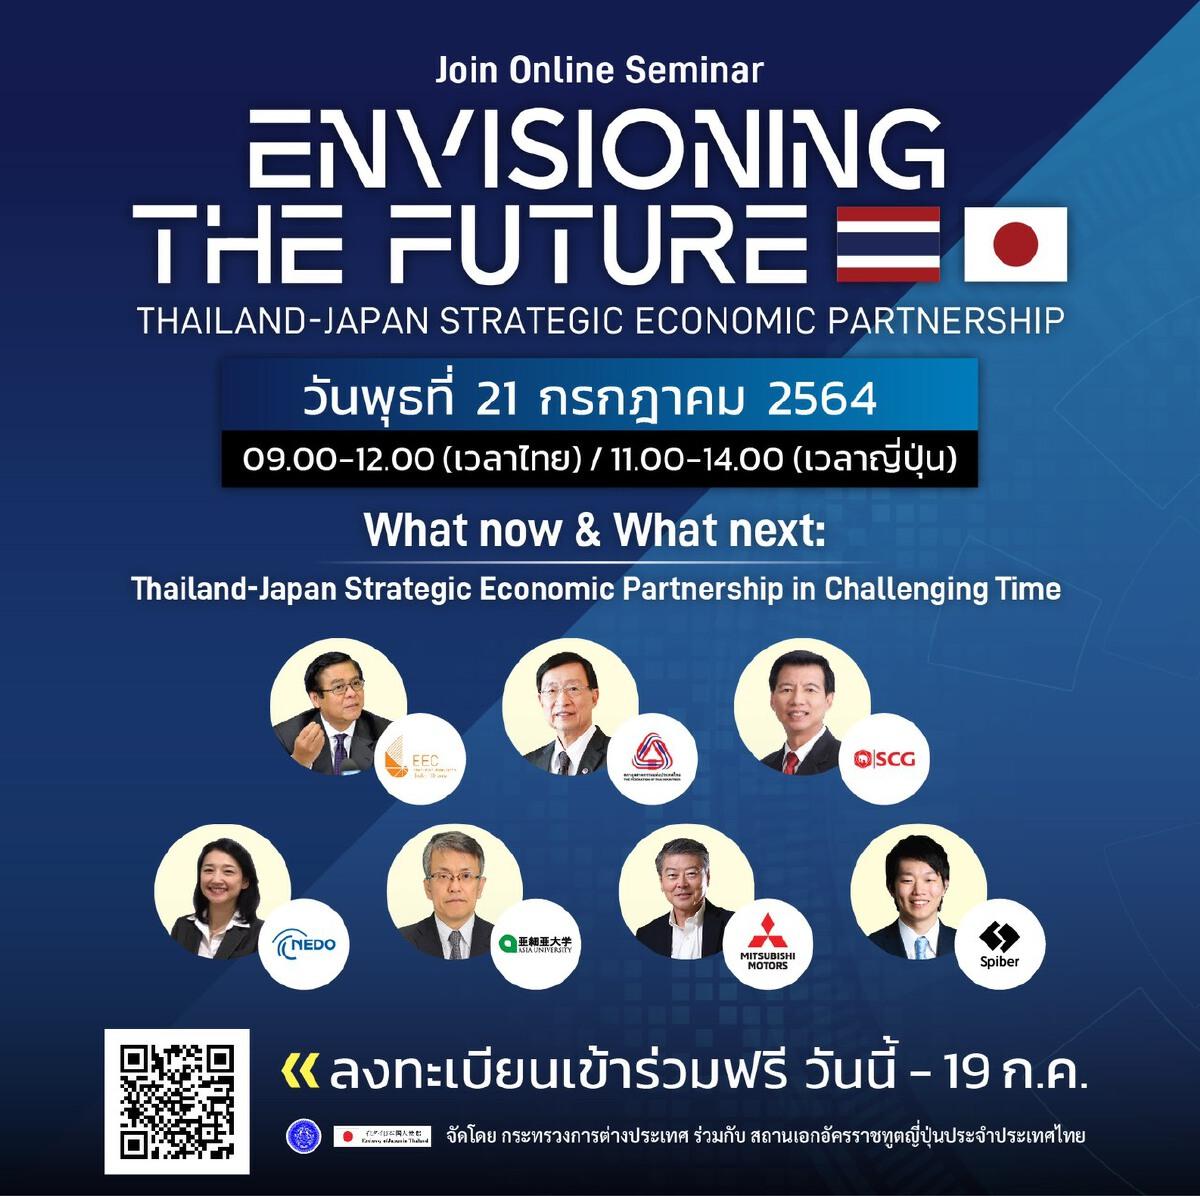 เชิญชวน ! สัมมนาออนไลน์ยุทธศาสตร์เชิง เศรษฐกิจไทย - ญี่ปุ่น